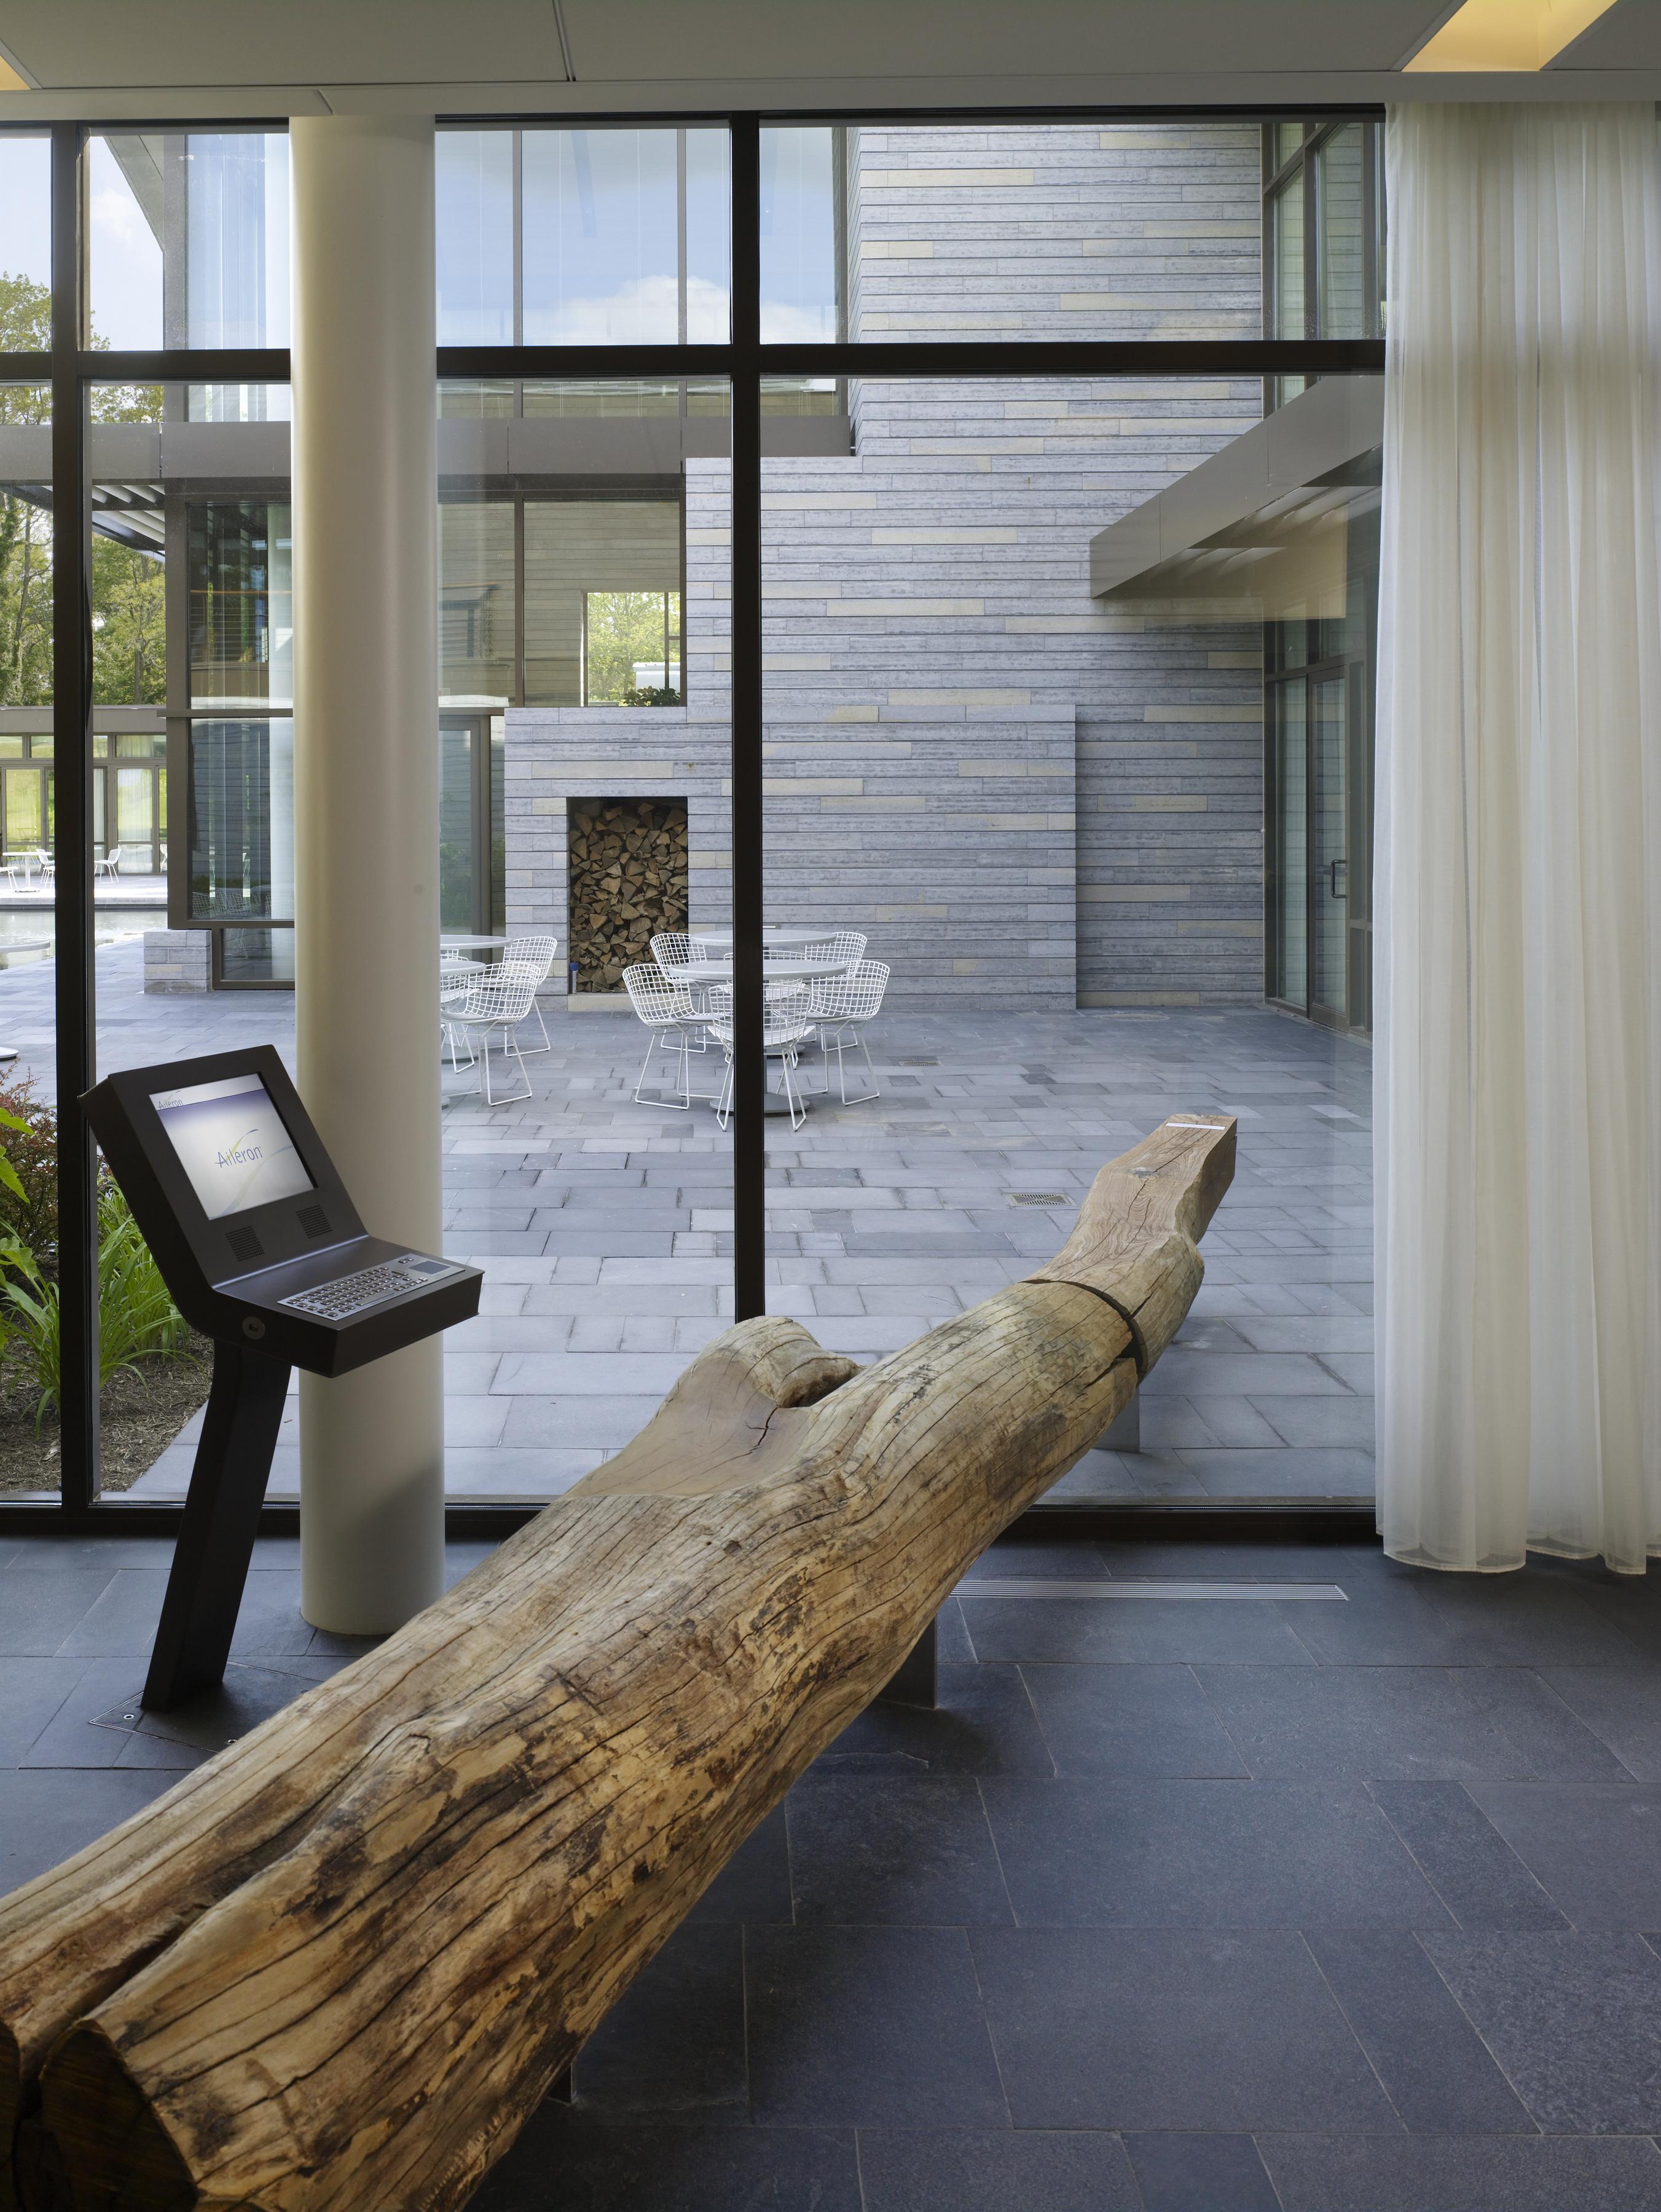 Aileron Center, Dayton, Ohio, USA, Architect: Lee H. Skolnick Architecture and Design Partnership